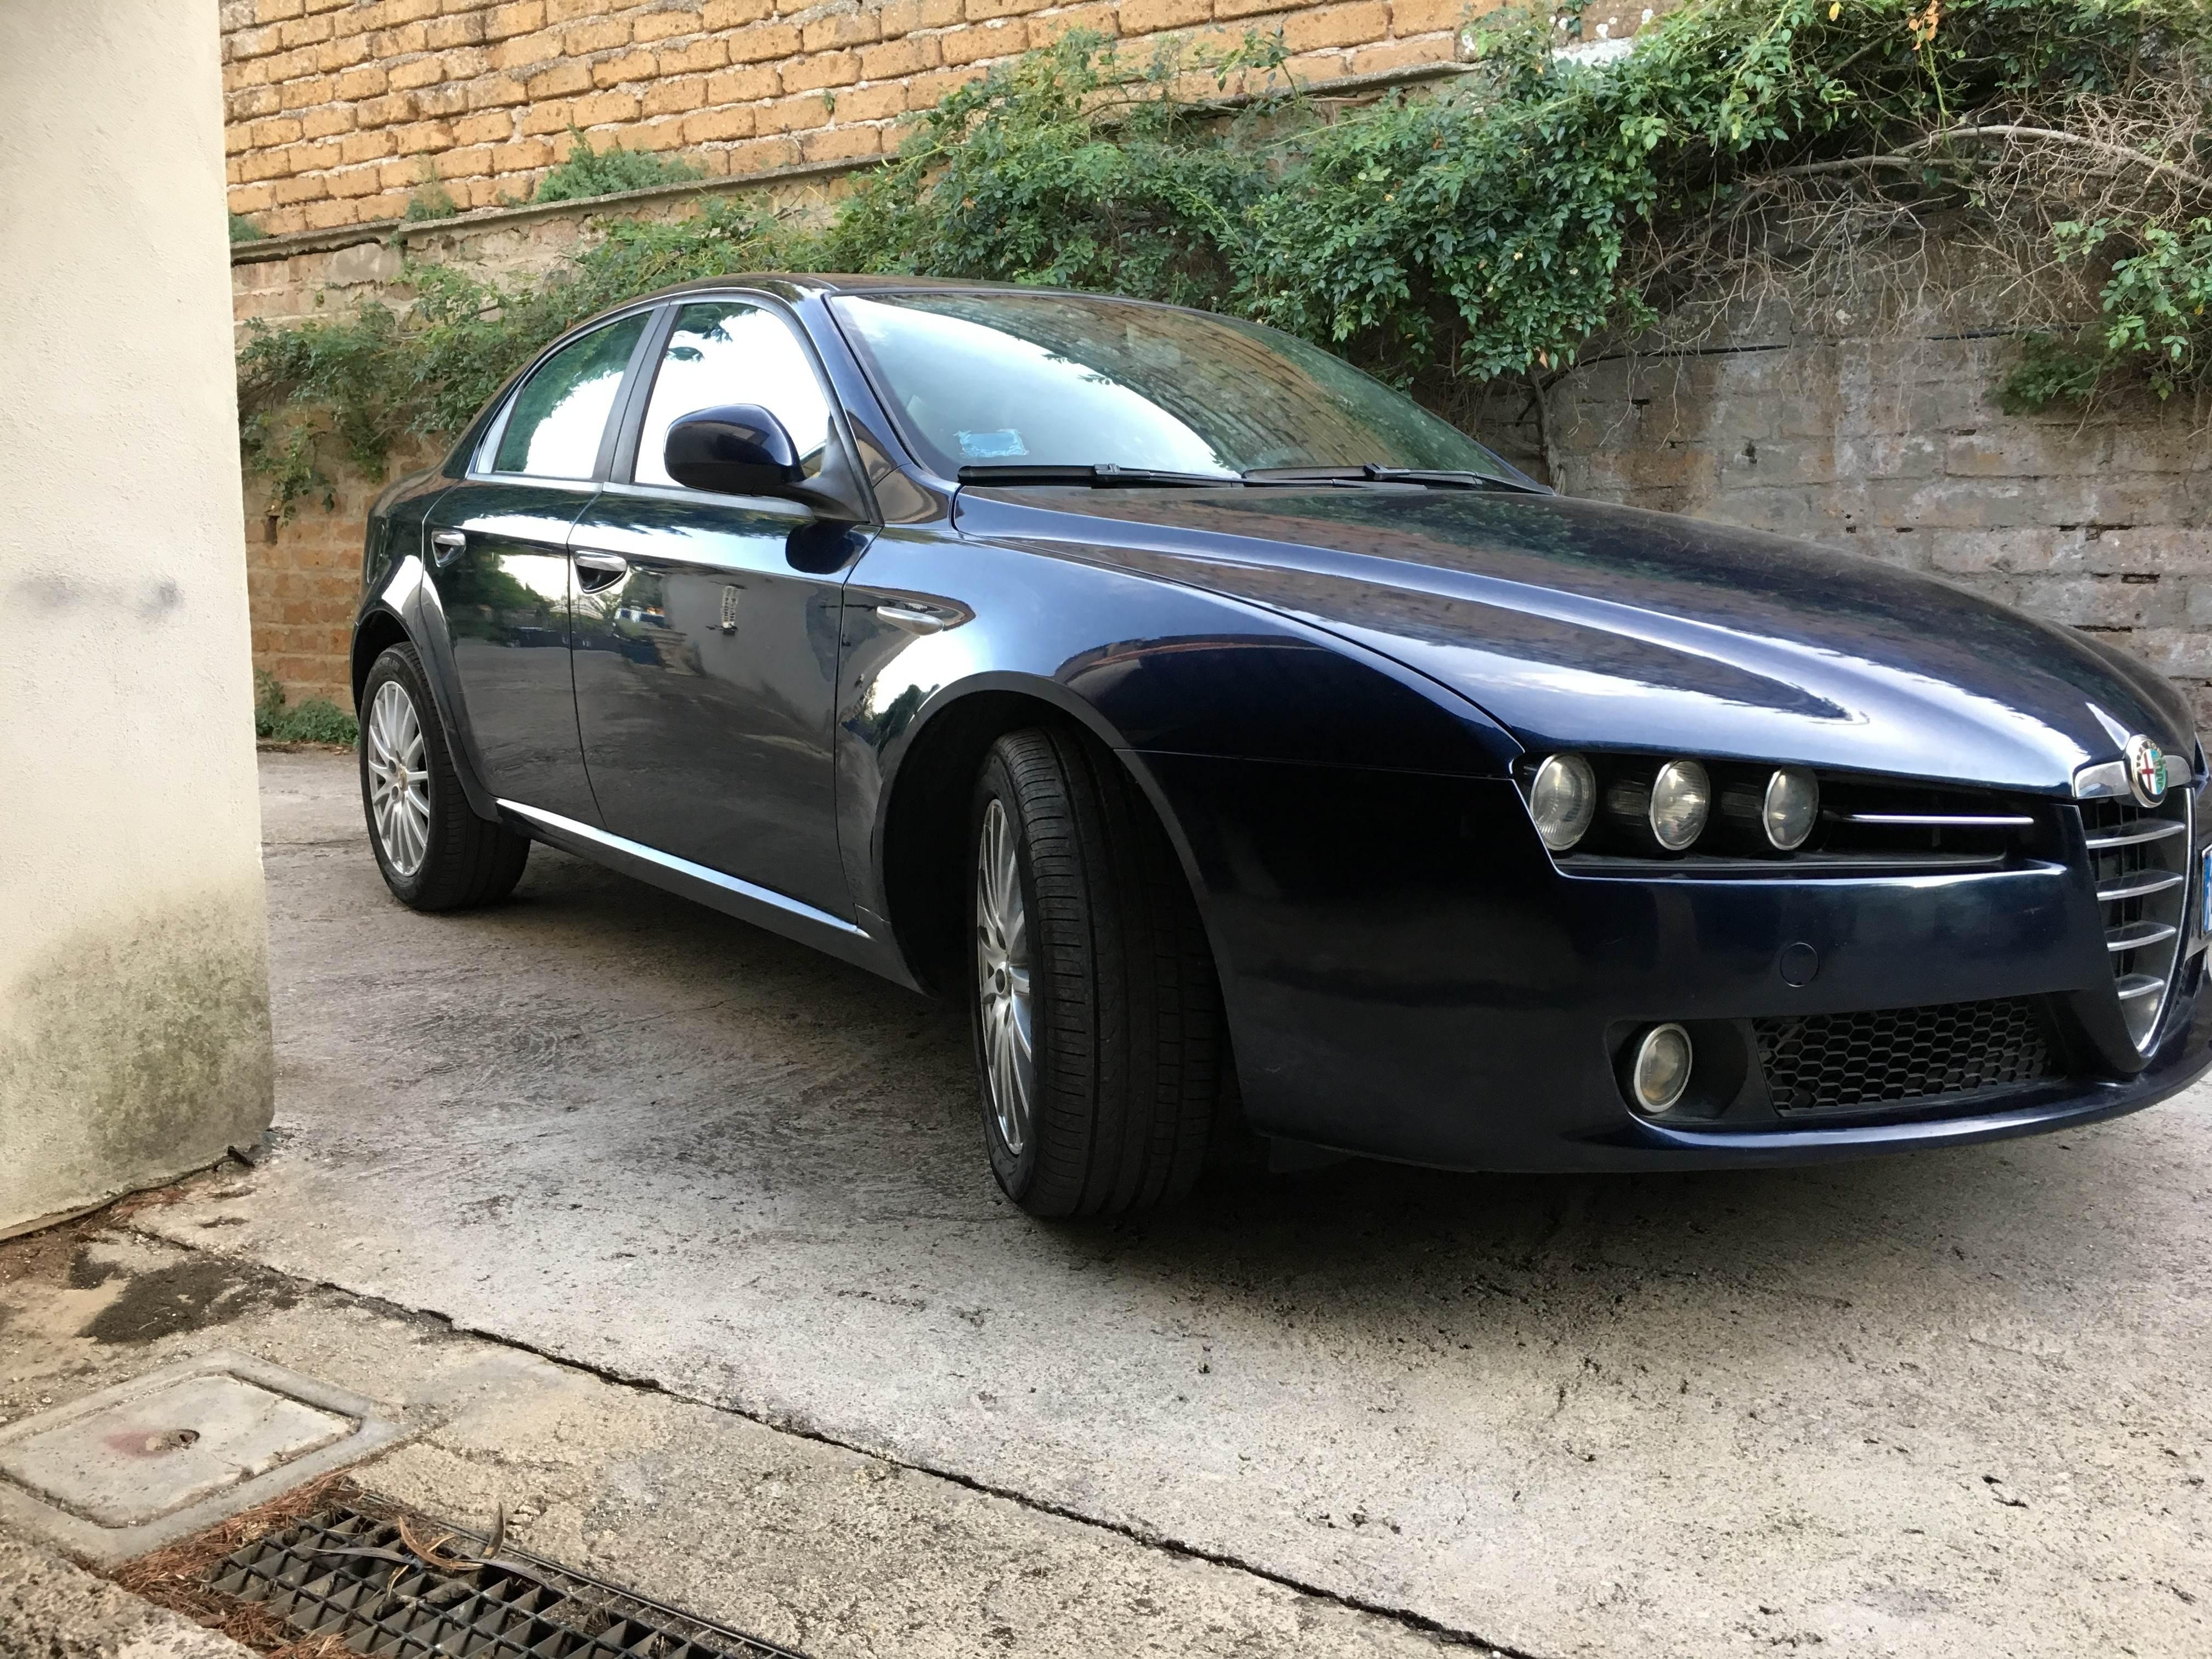 foto Alfa Romeo 159 - 1.9 JTDm 150cv - Blu metallizzato - 2007 - VT - 6